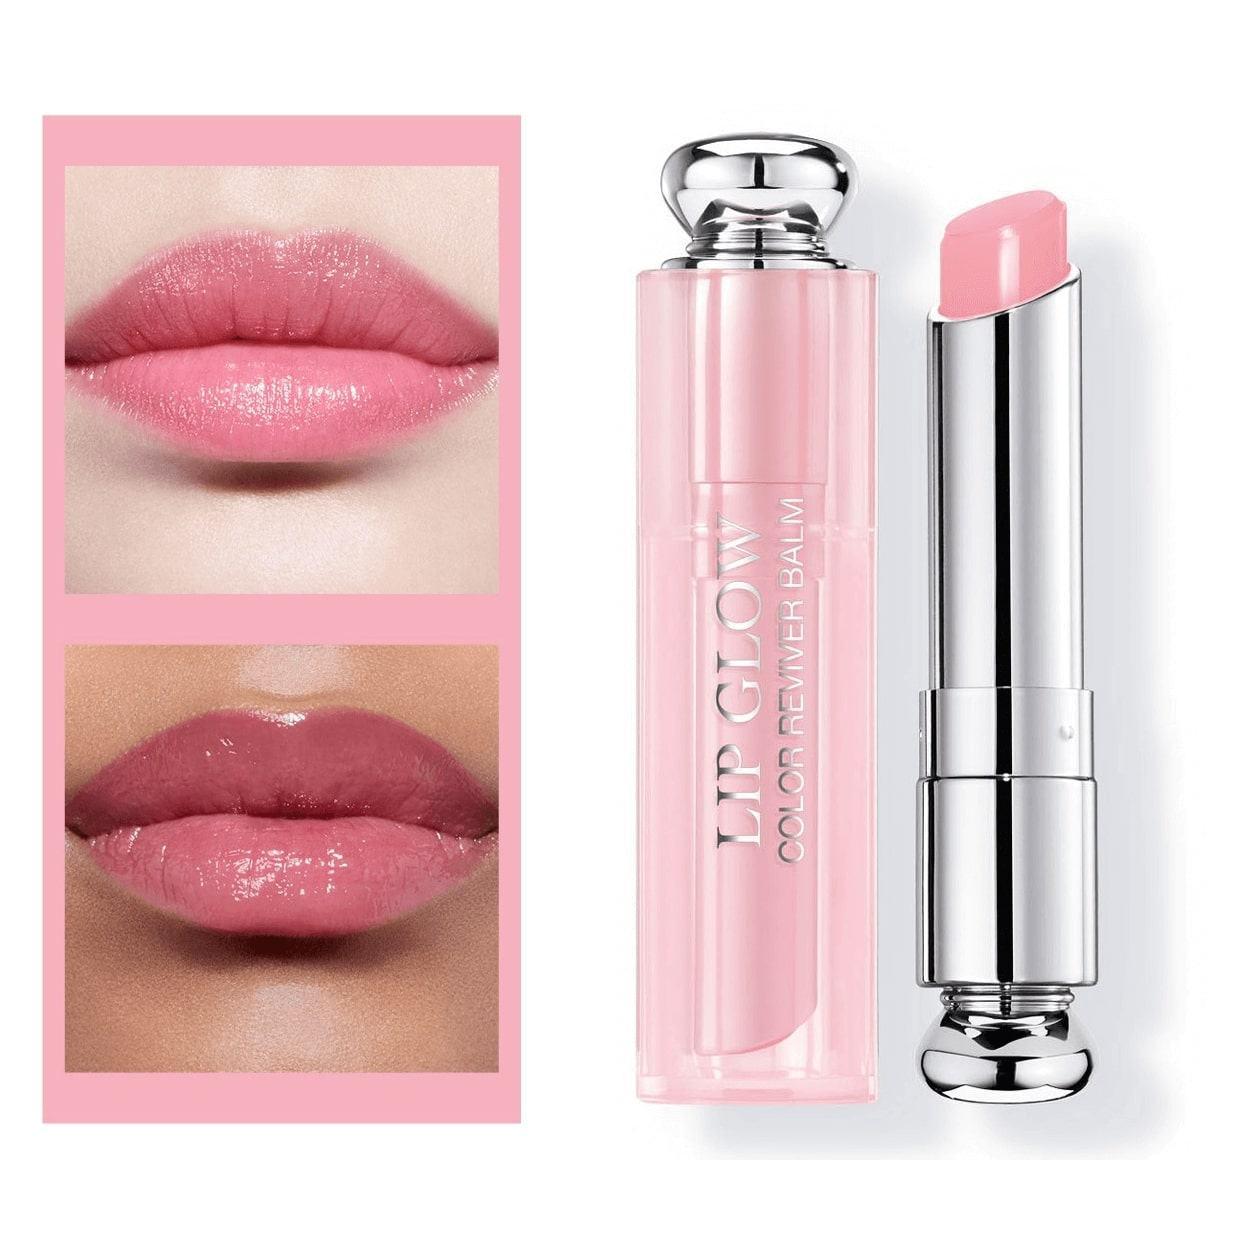 Son Dưỡng Dior Addict Lip Glow mã 001 màu hồng